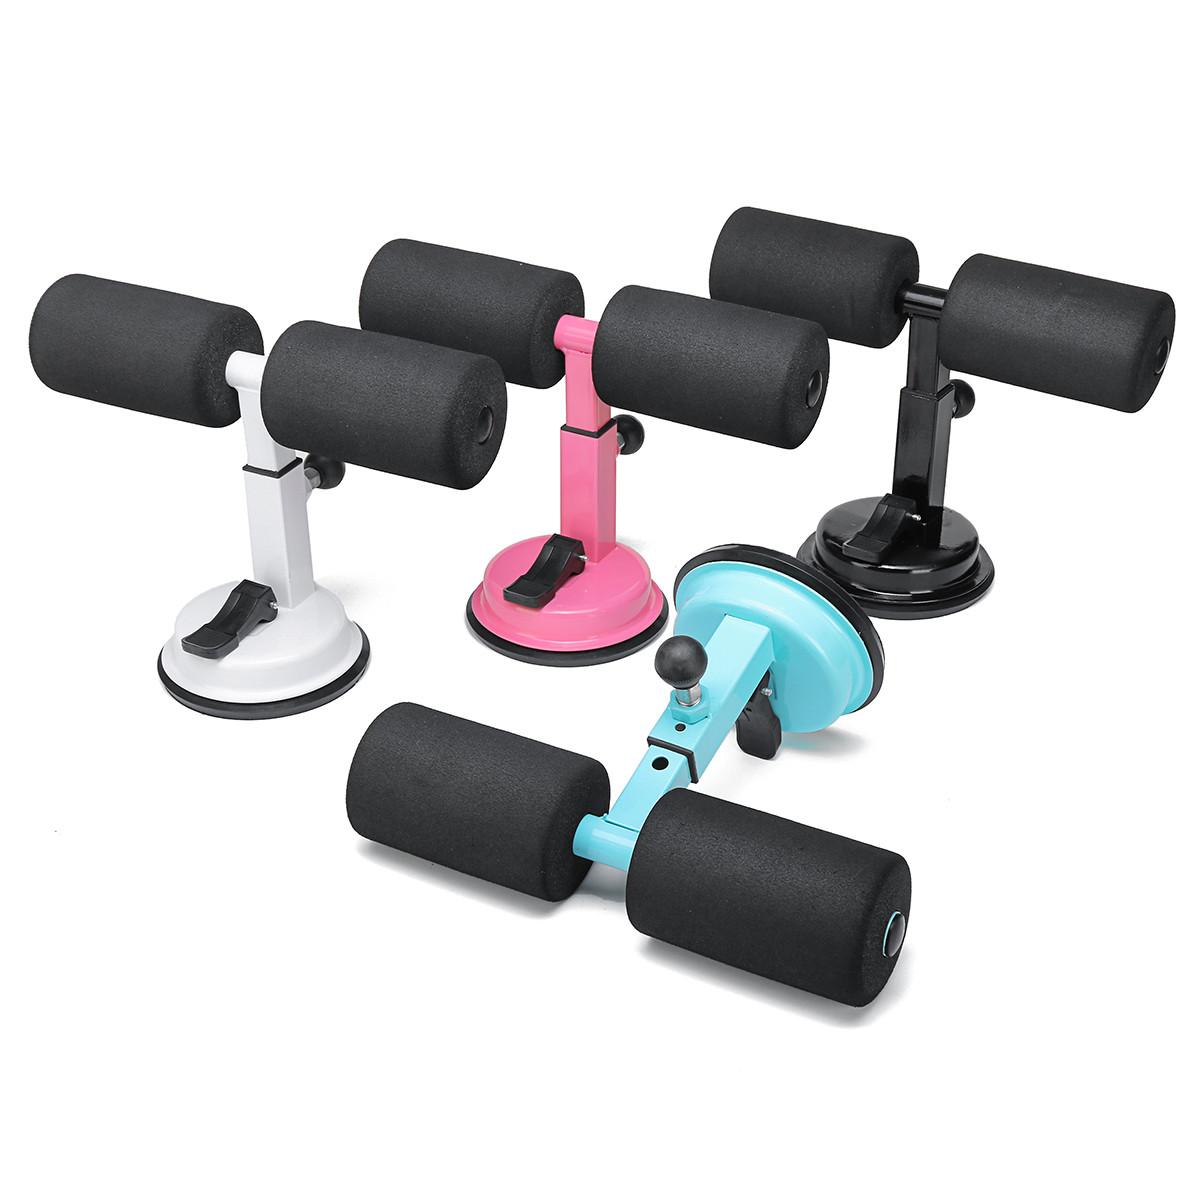 Устройство для приседаний Спортзал Фитнес Упражнение для тренировки Набор для домашнего живота - 1TopShop